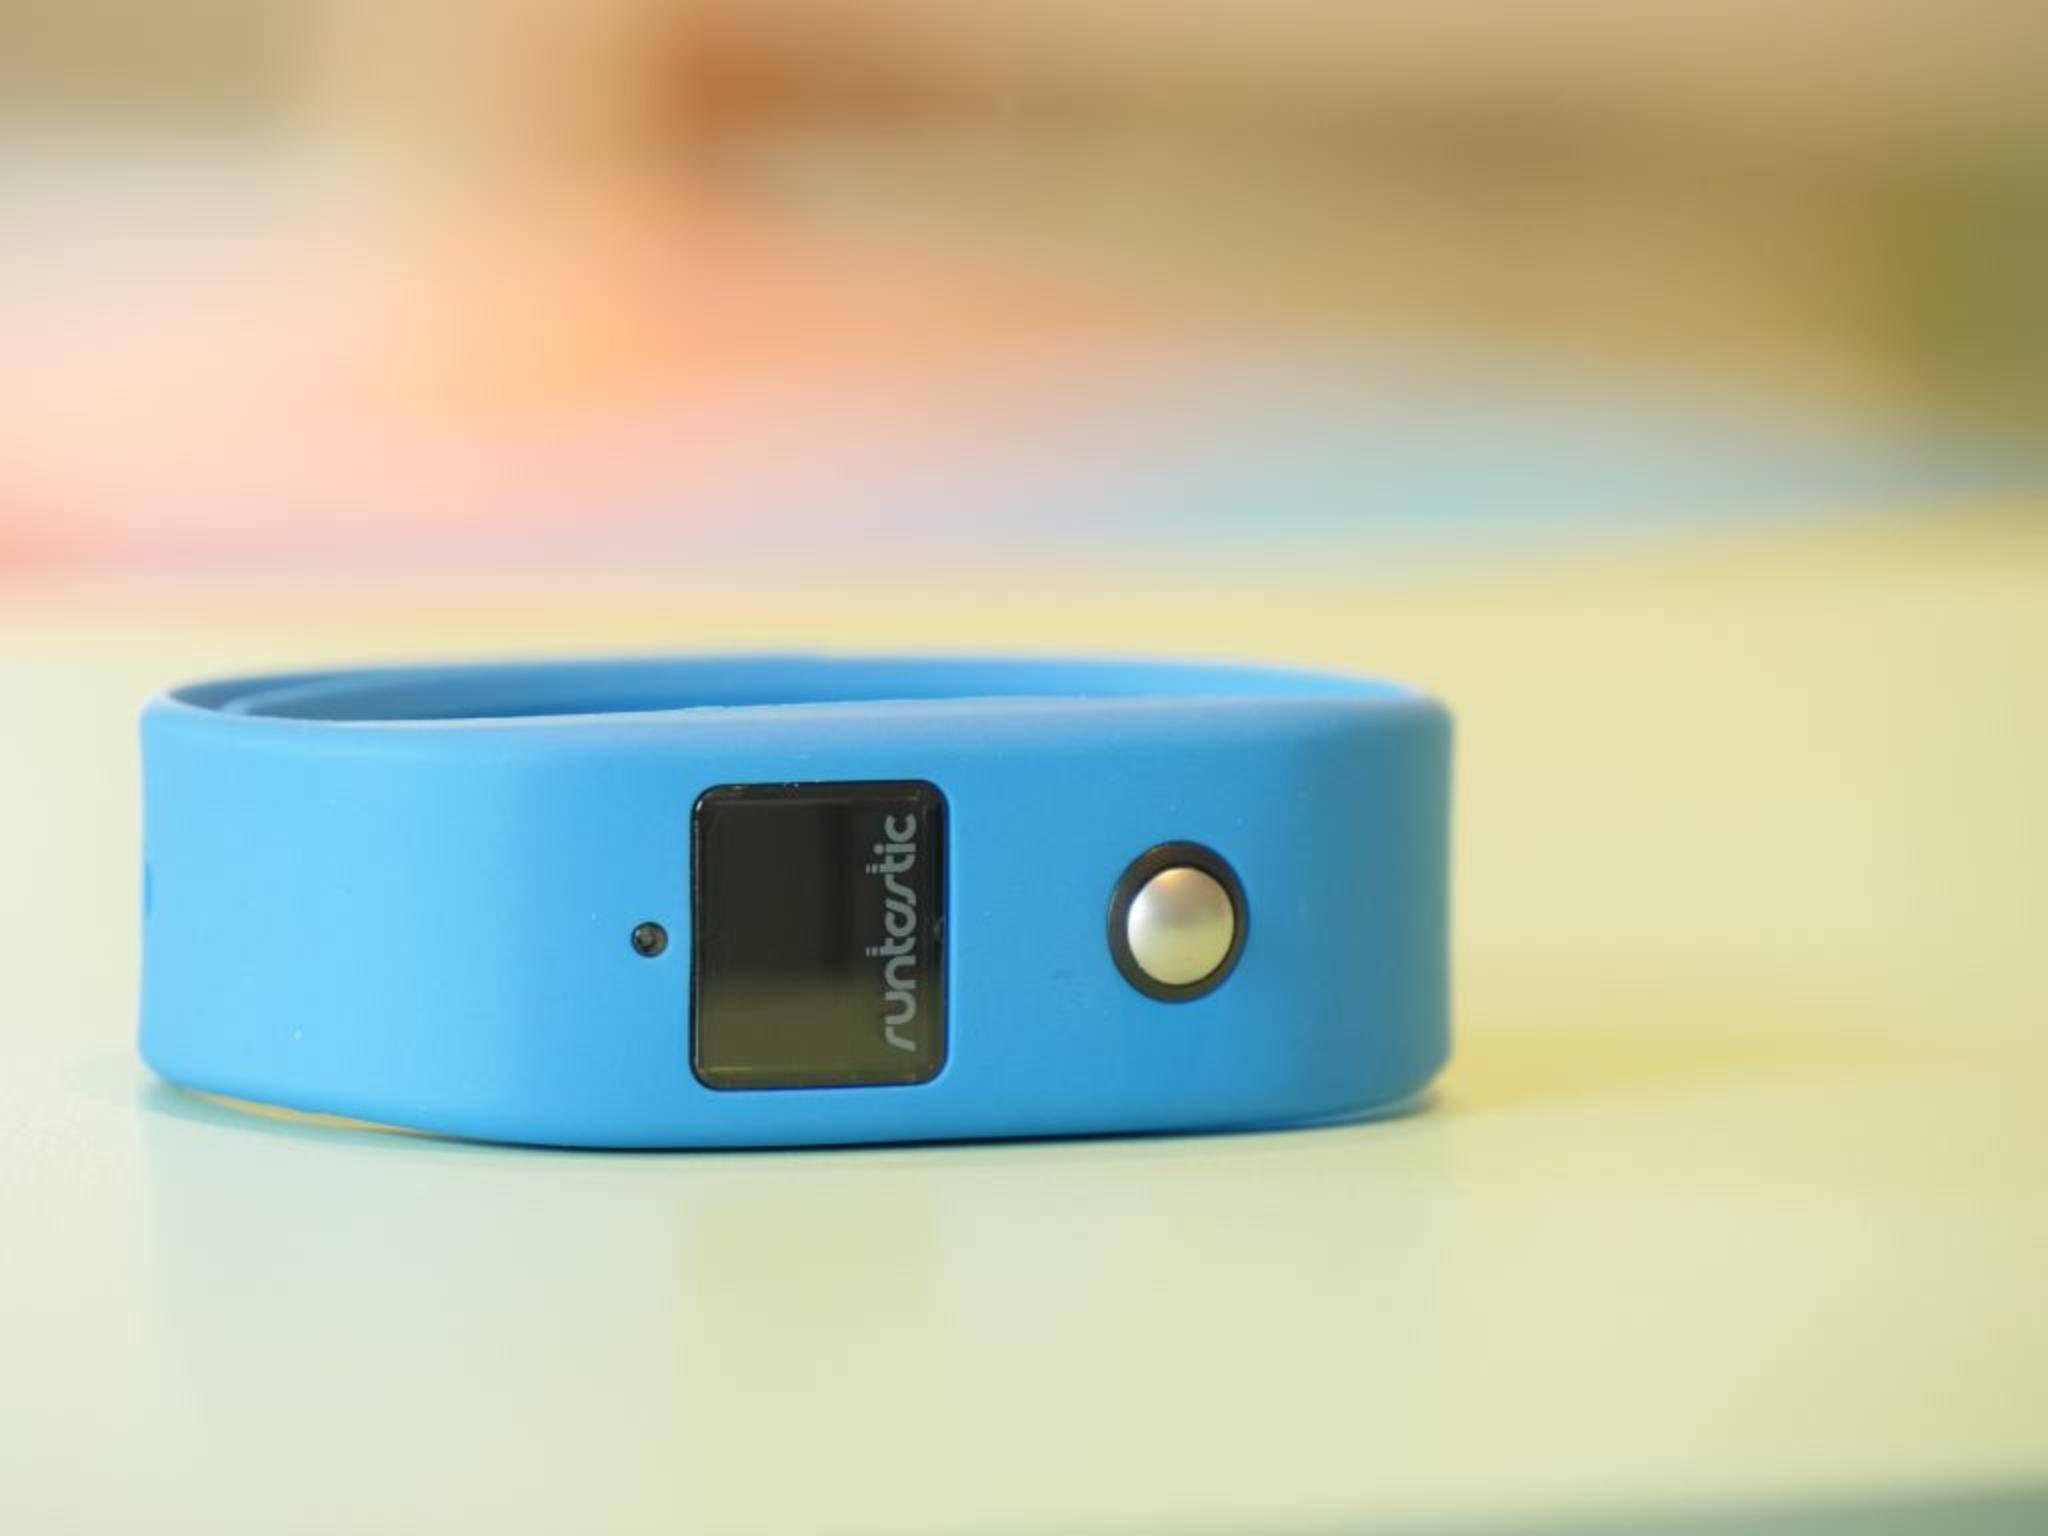 Der Runtastic Orbit wird mit verschiedenfarbigen Armbändern geliefert.